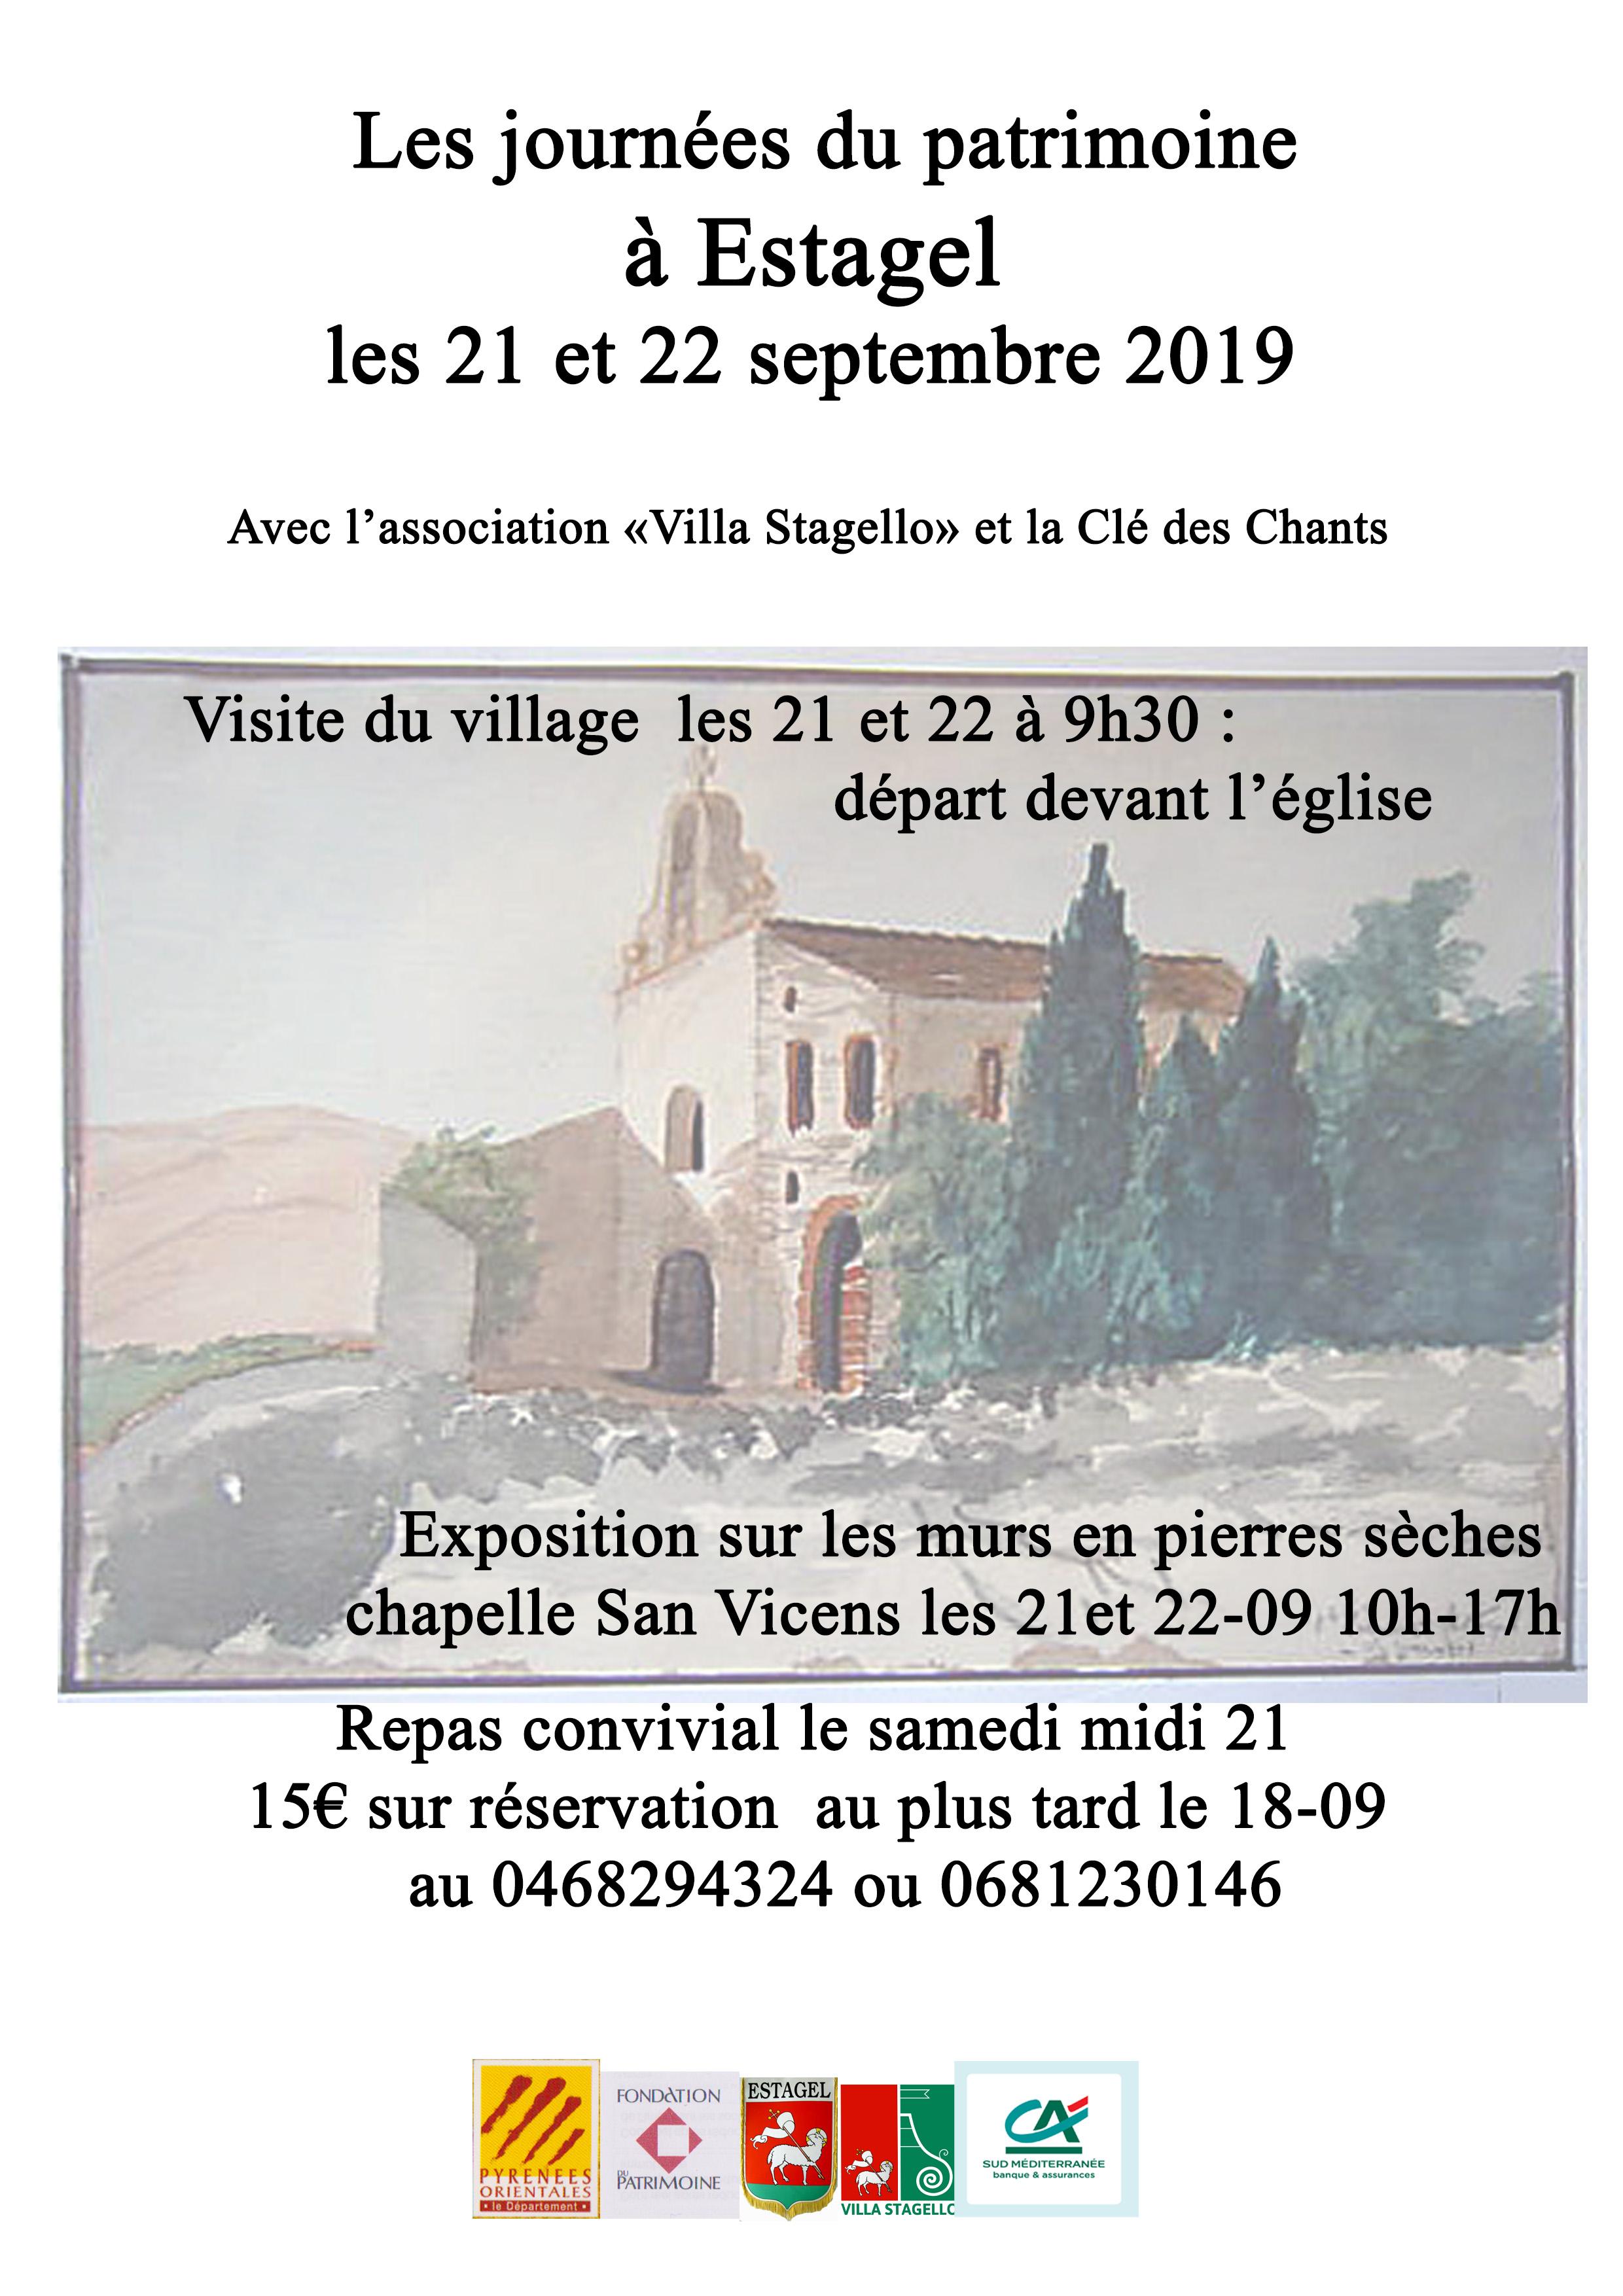 Les associations Villa Stagello et La Clé des Chants se regroupent pour organiser un repas convivial à l'aire San Vicens le 21 septembre 2019. 15€ réservation au plus tard le 18-09 au 0468294324 ou sur le site onglet contact